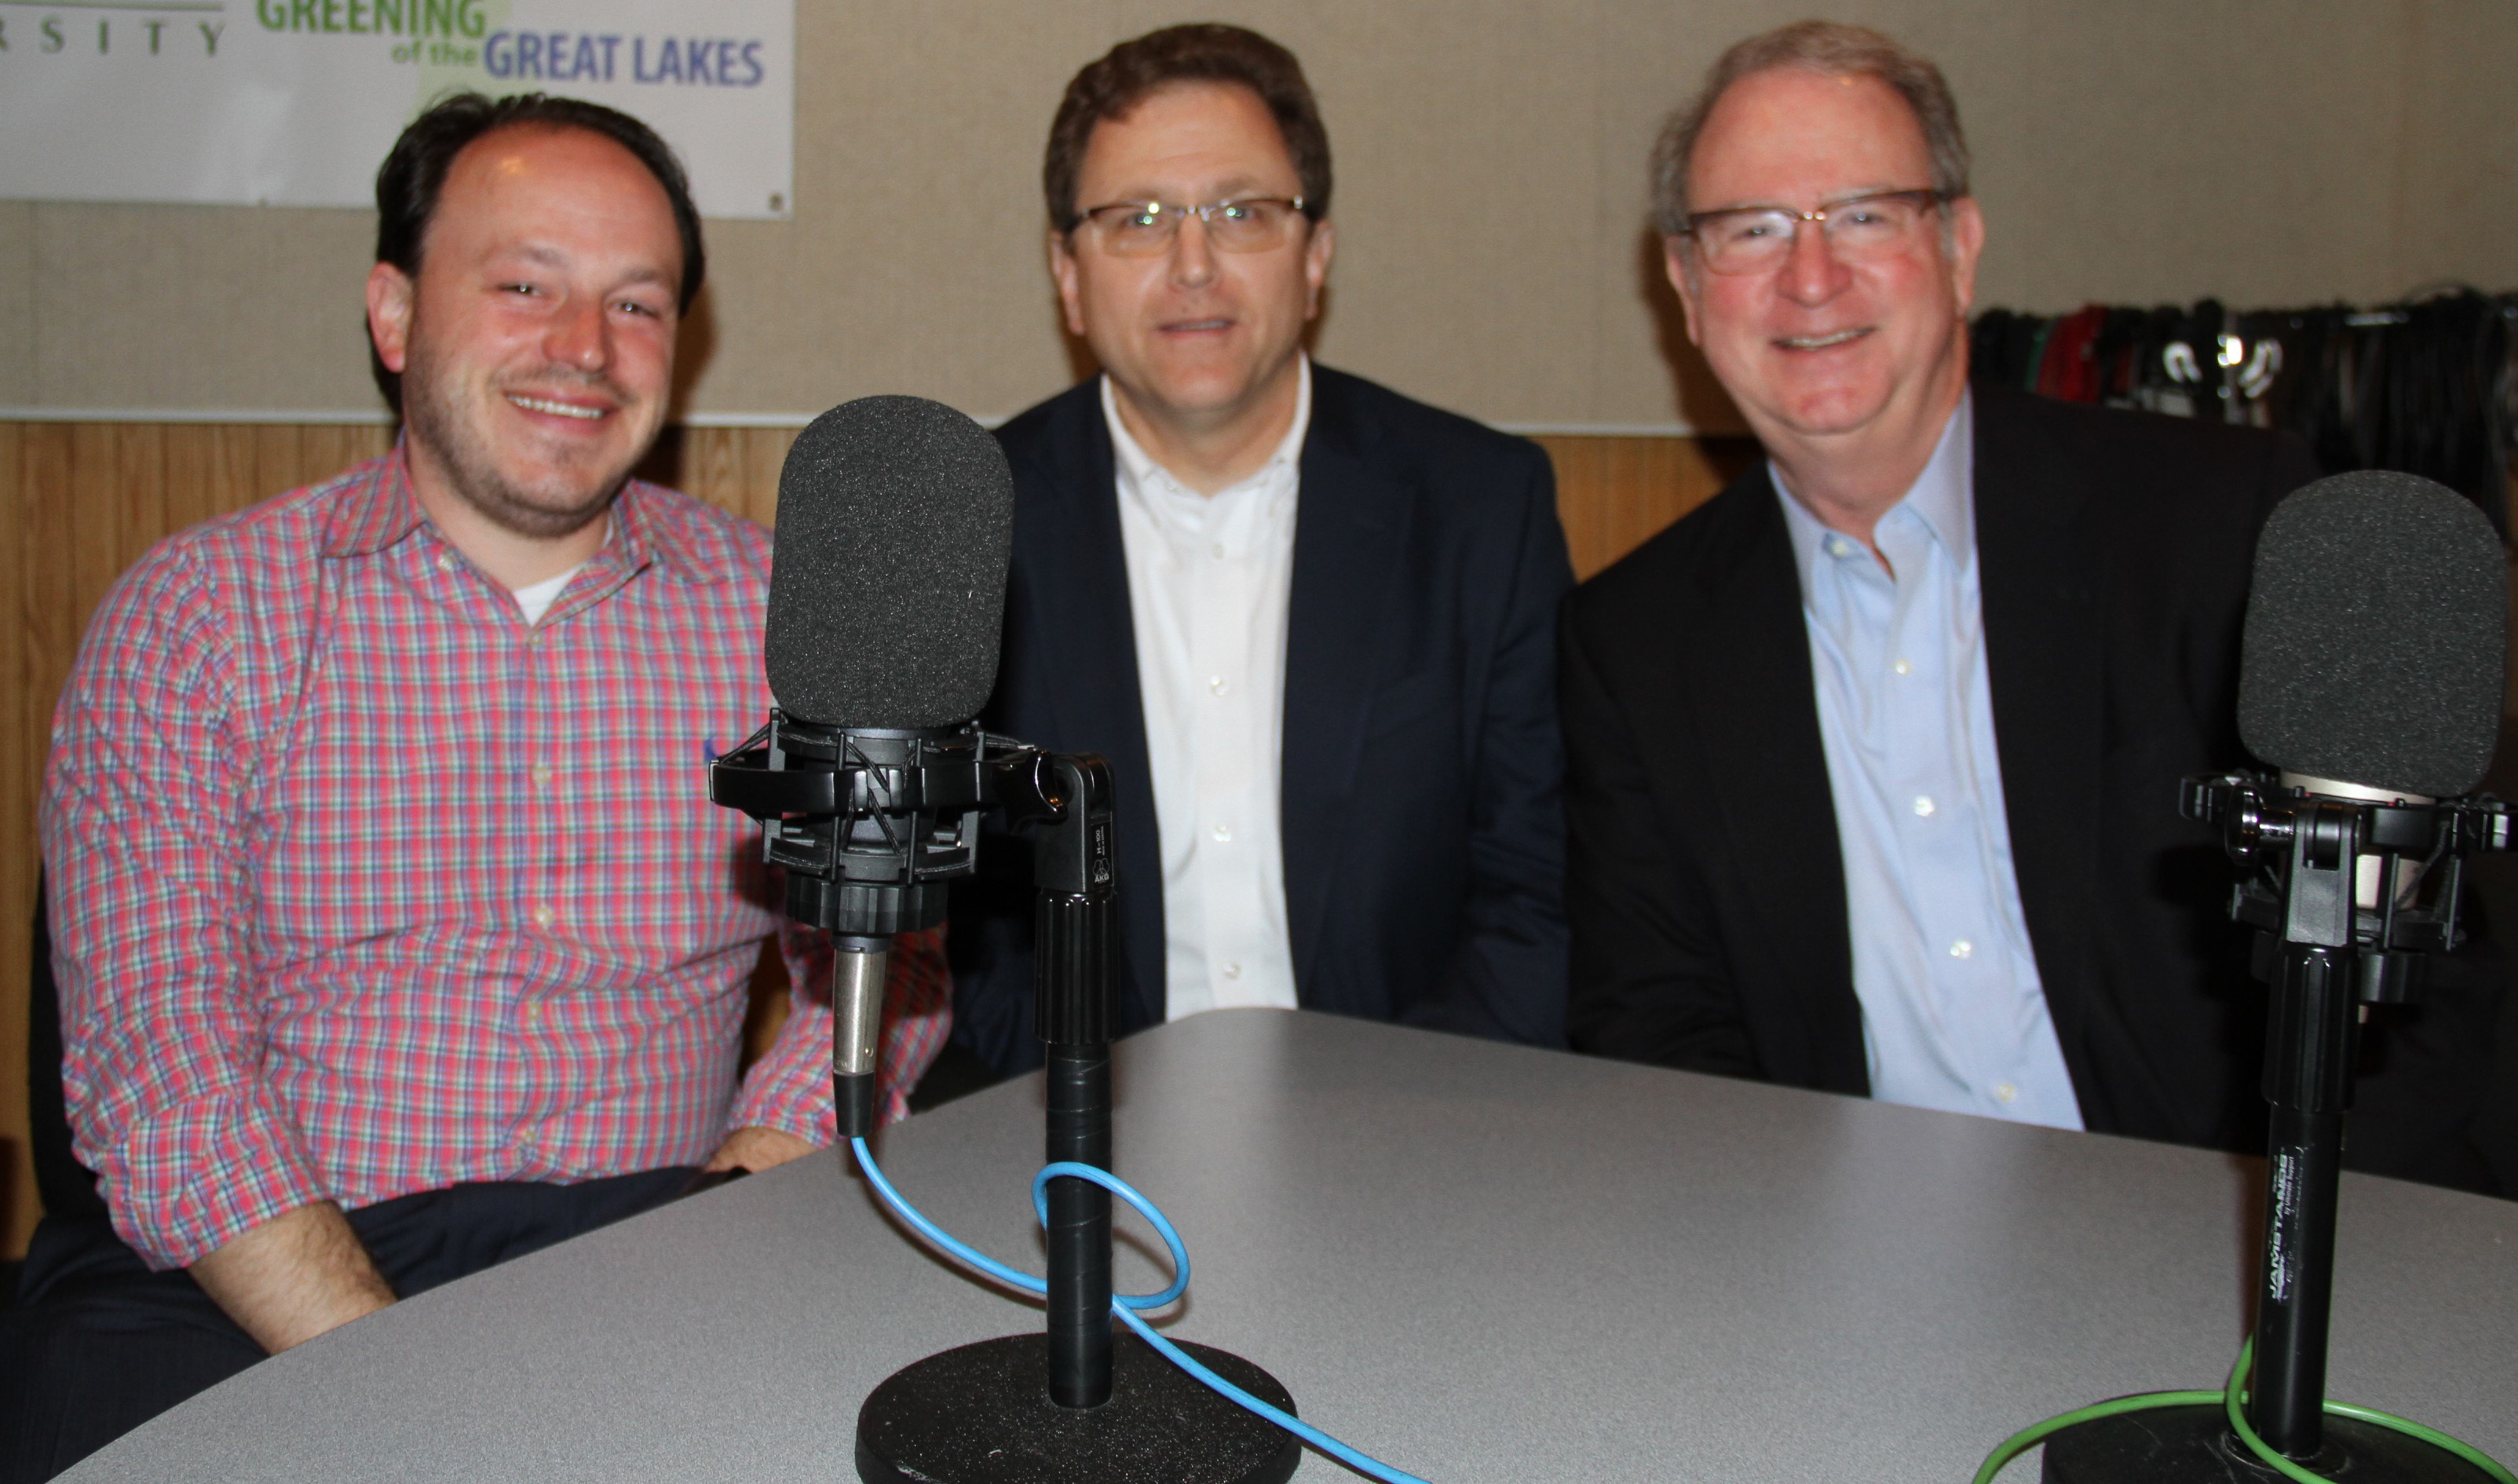 Matt Grossmann, Arnold Weinfeld, Charles Ballard